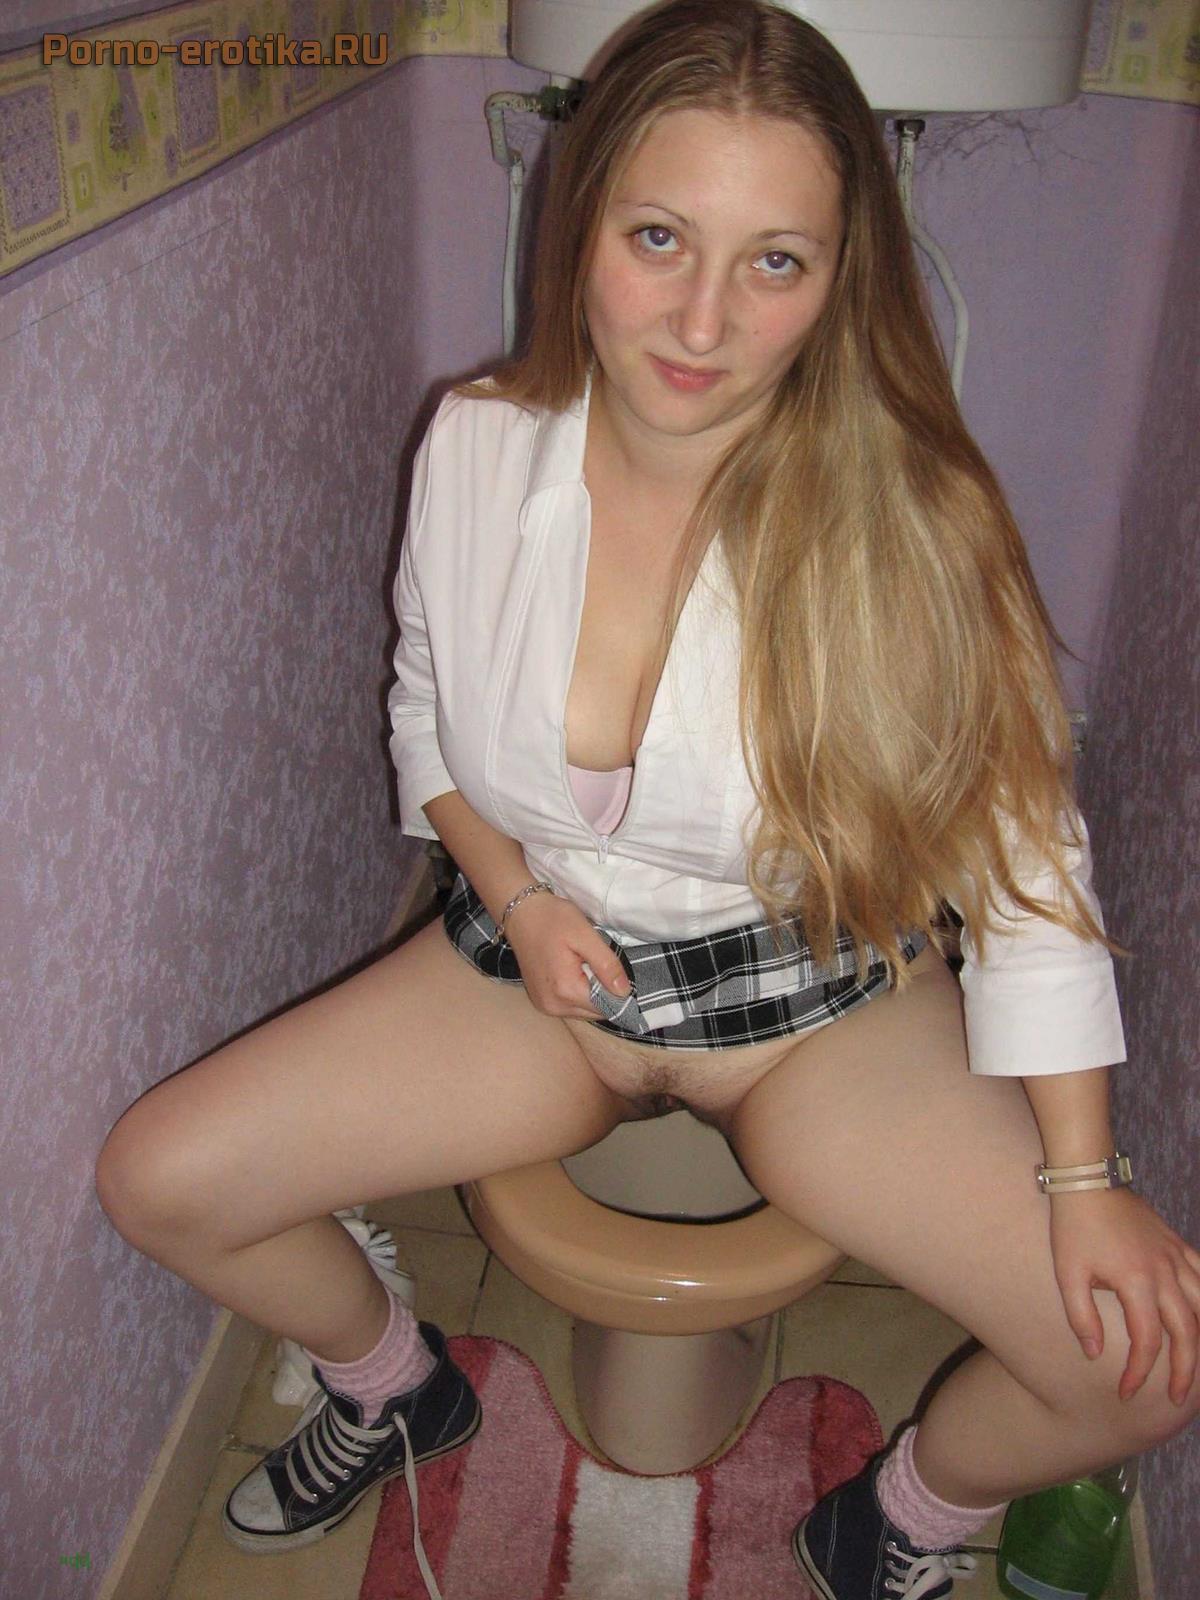 Порно сут в туалете